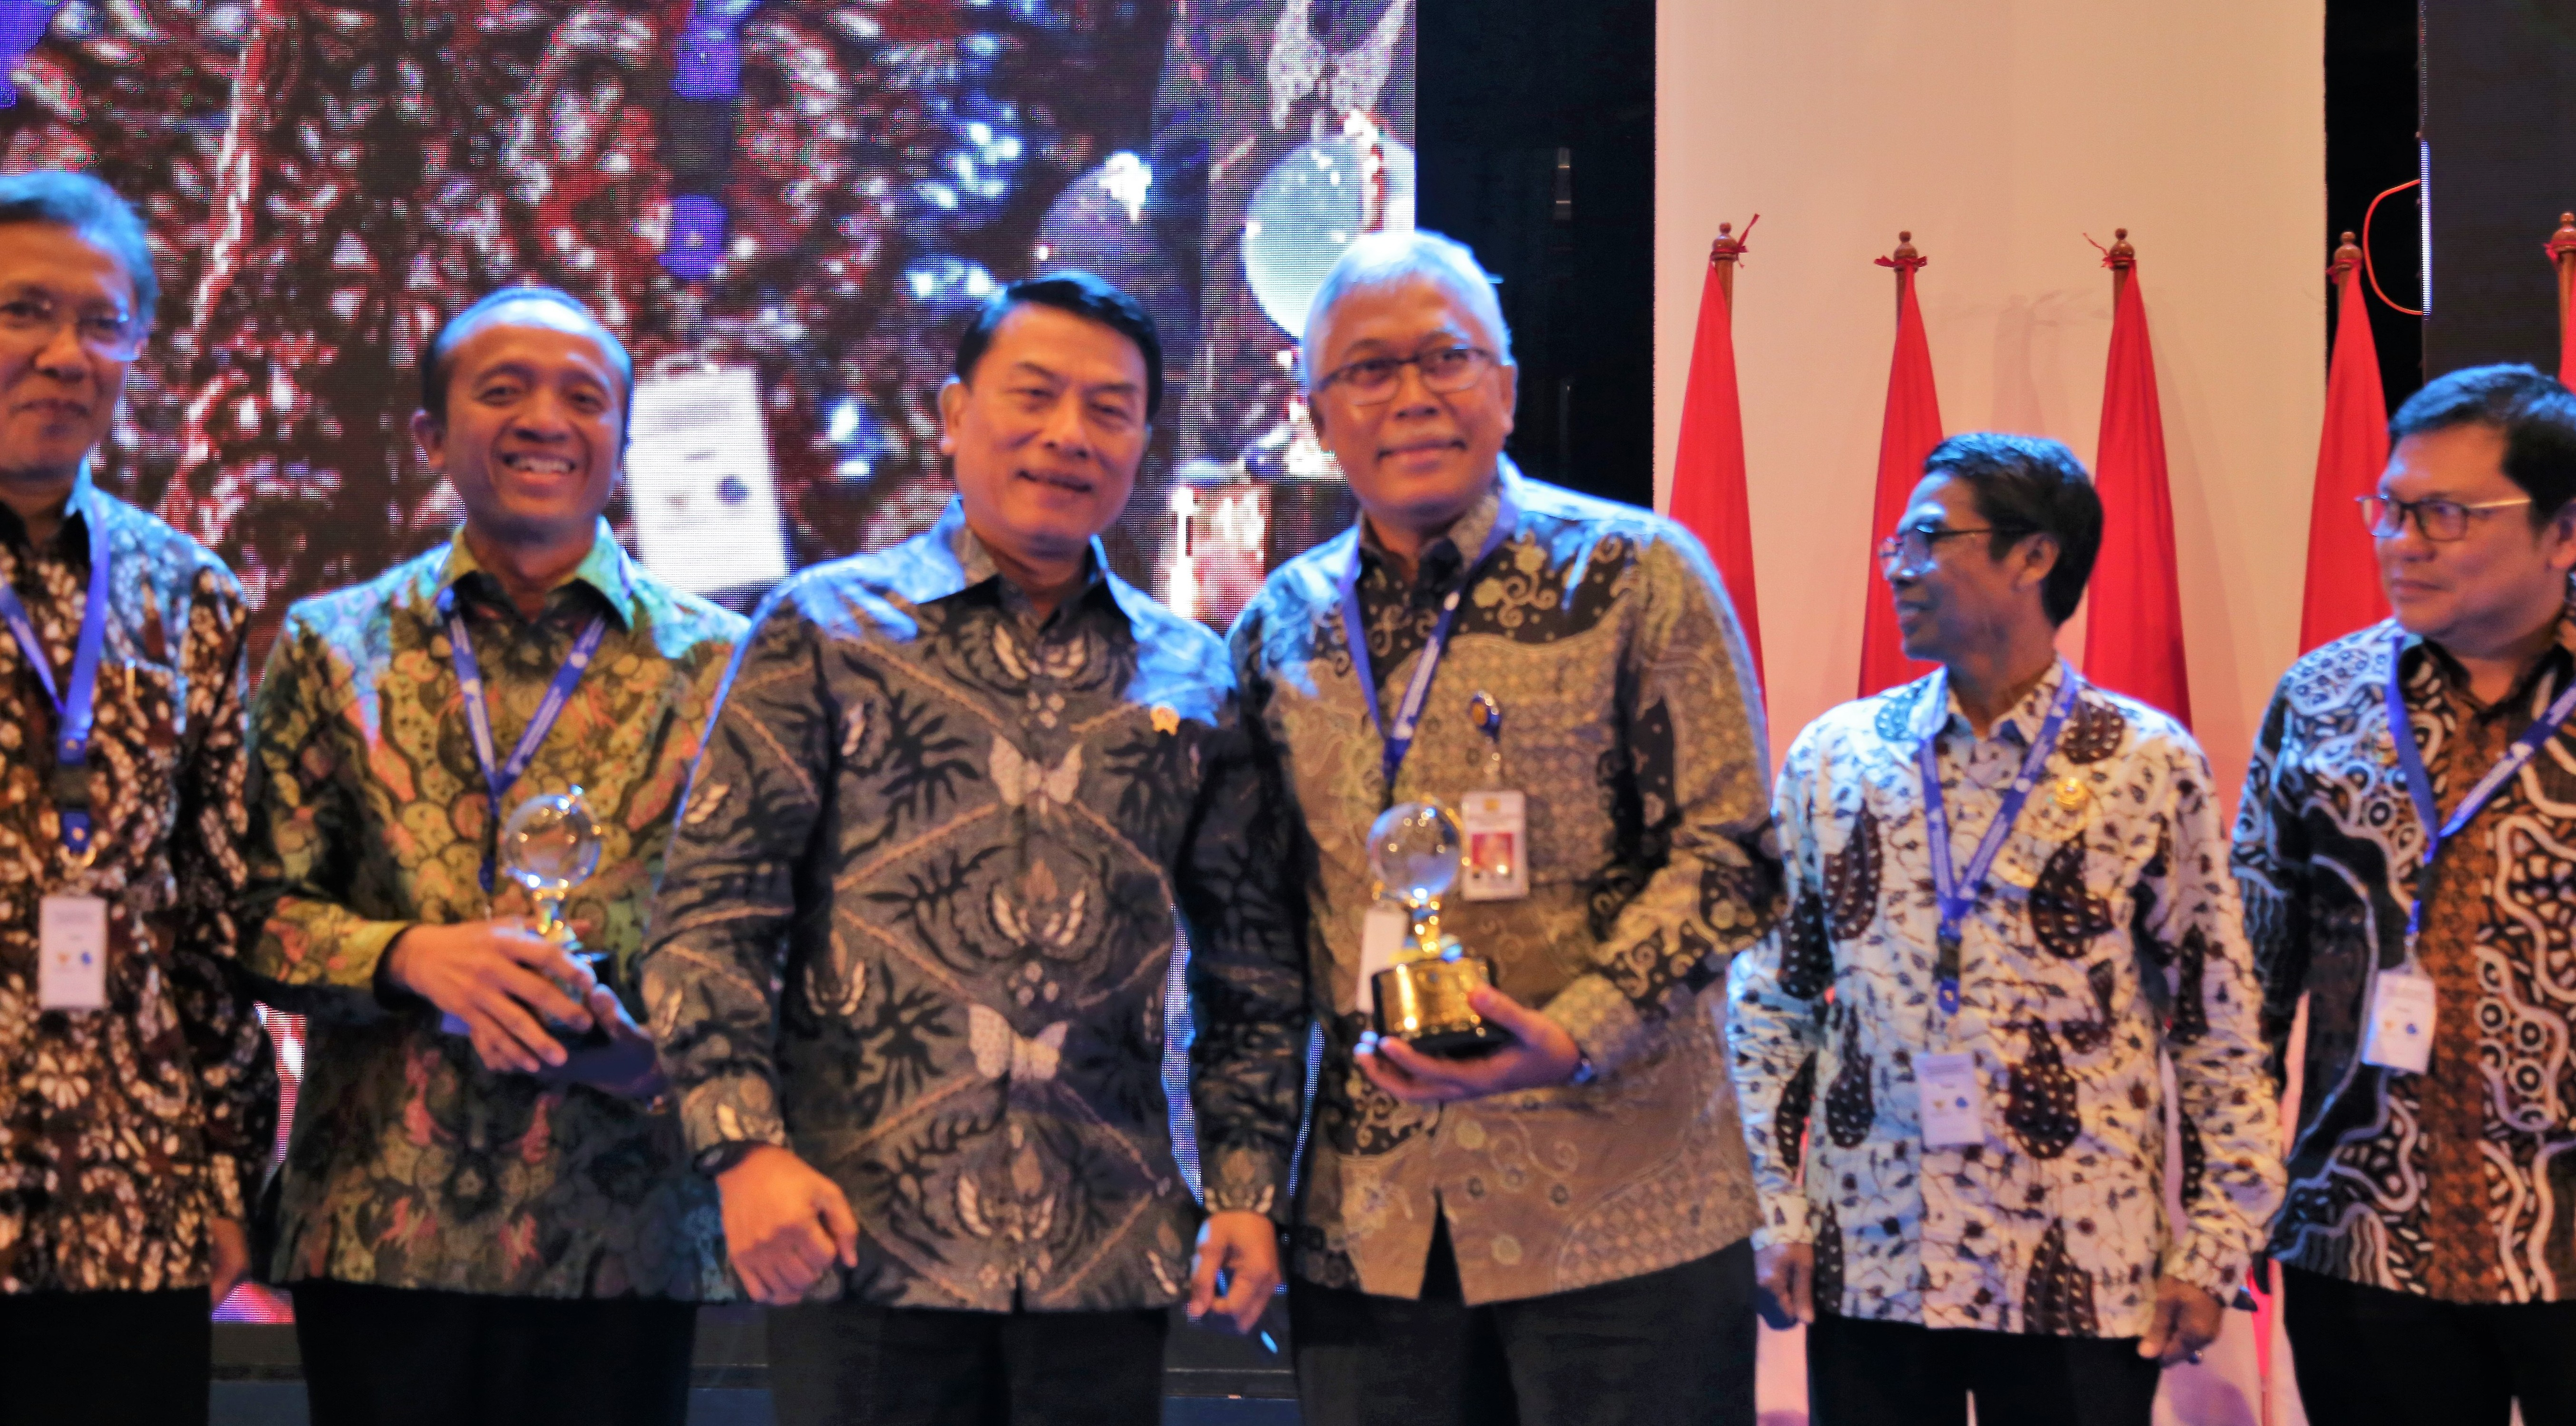 Kembangkan Kebijakan Satu Peta, Kementerian PUPR Menerima Medali Emas Simpul Jaringan Geospasial dari Badan Informasi Geospasial